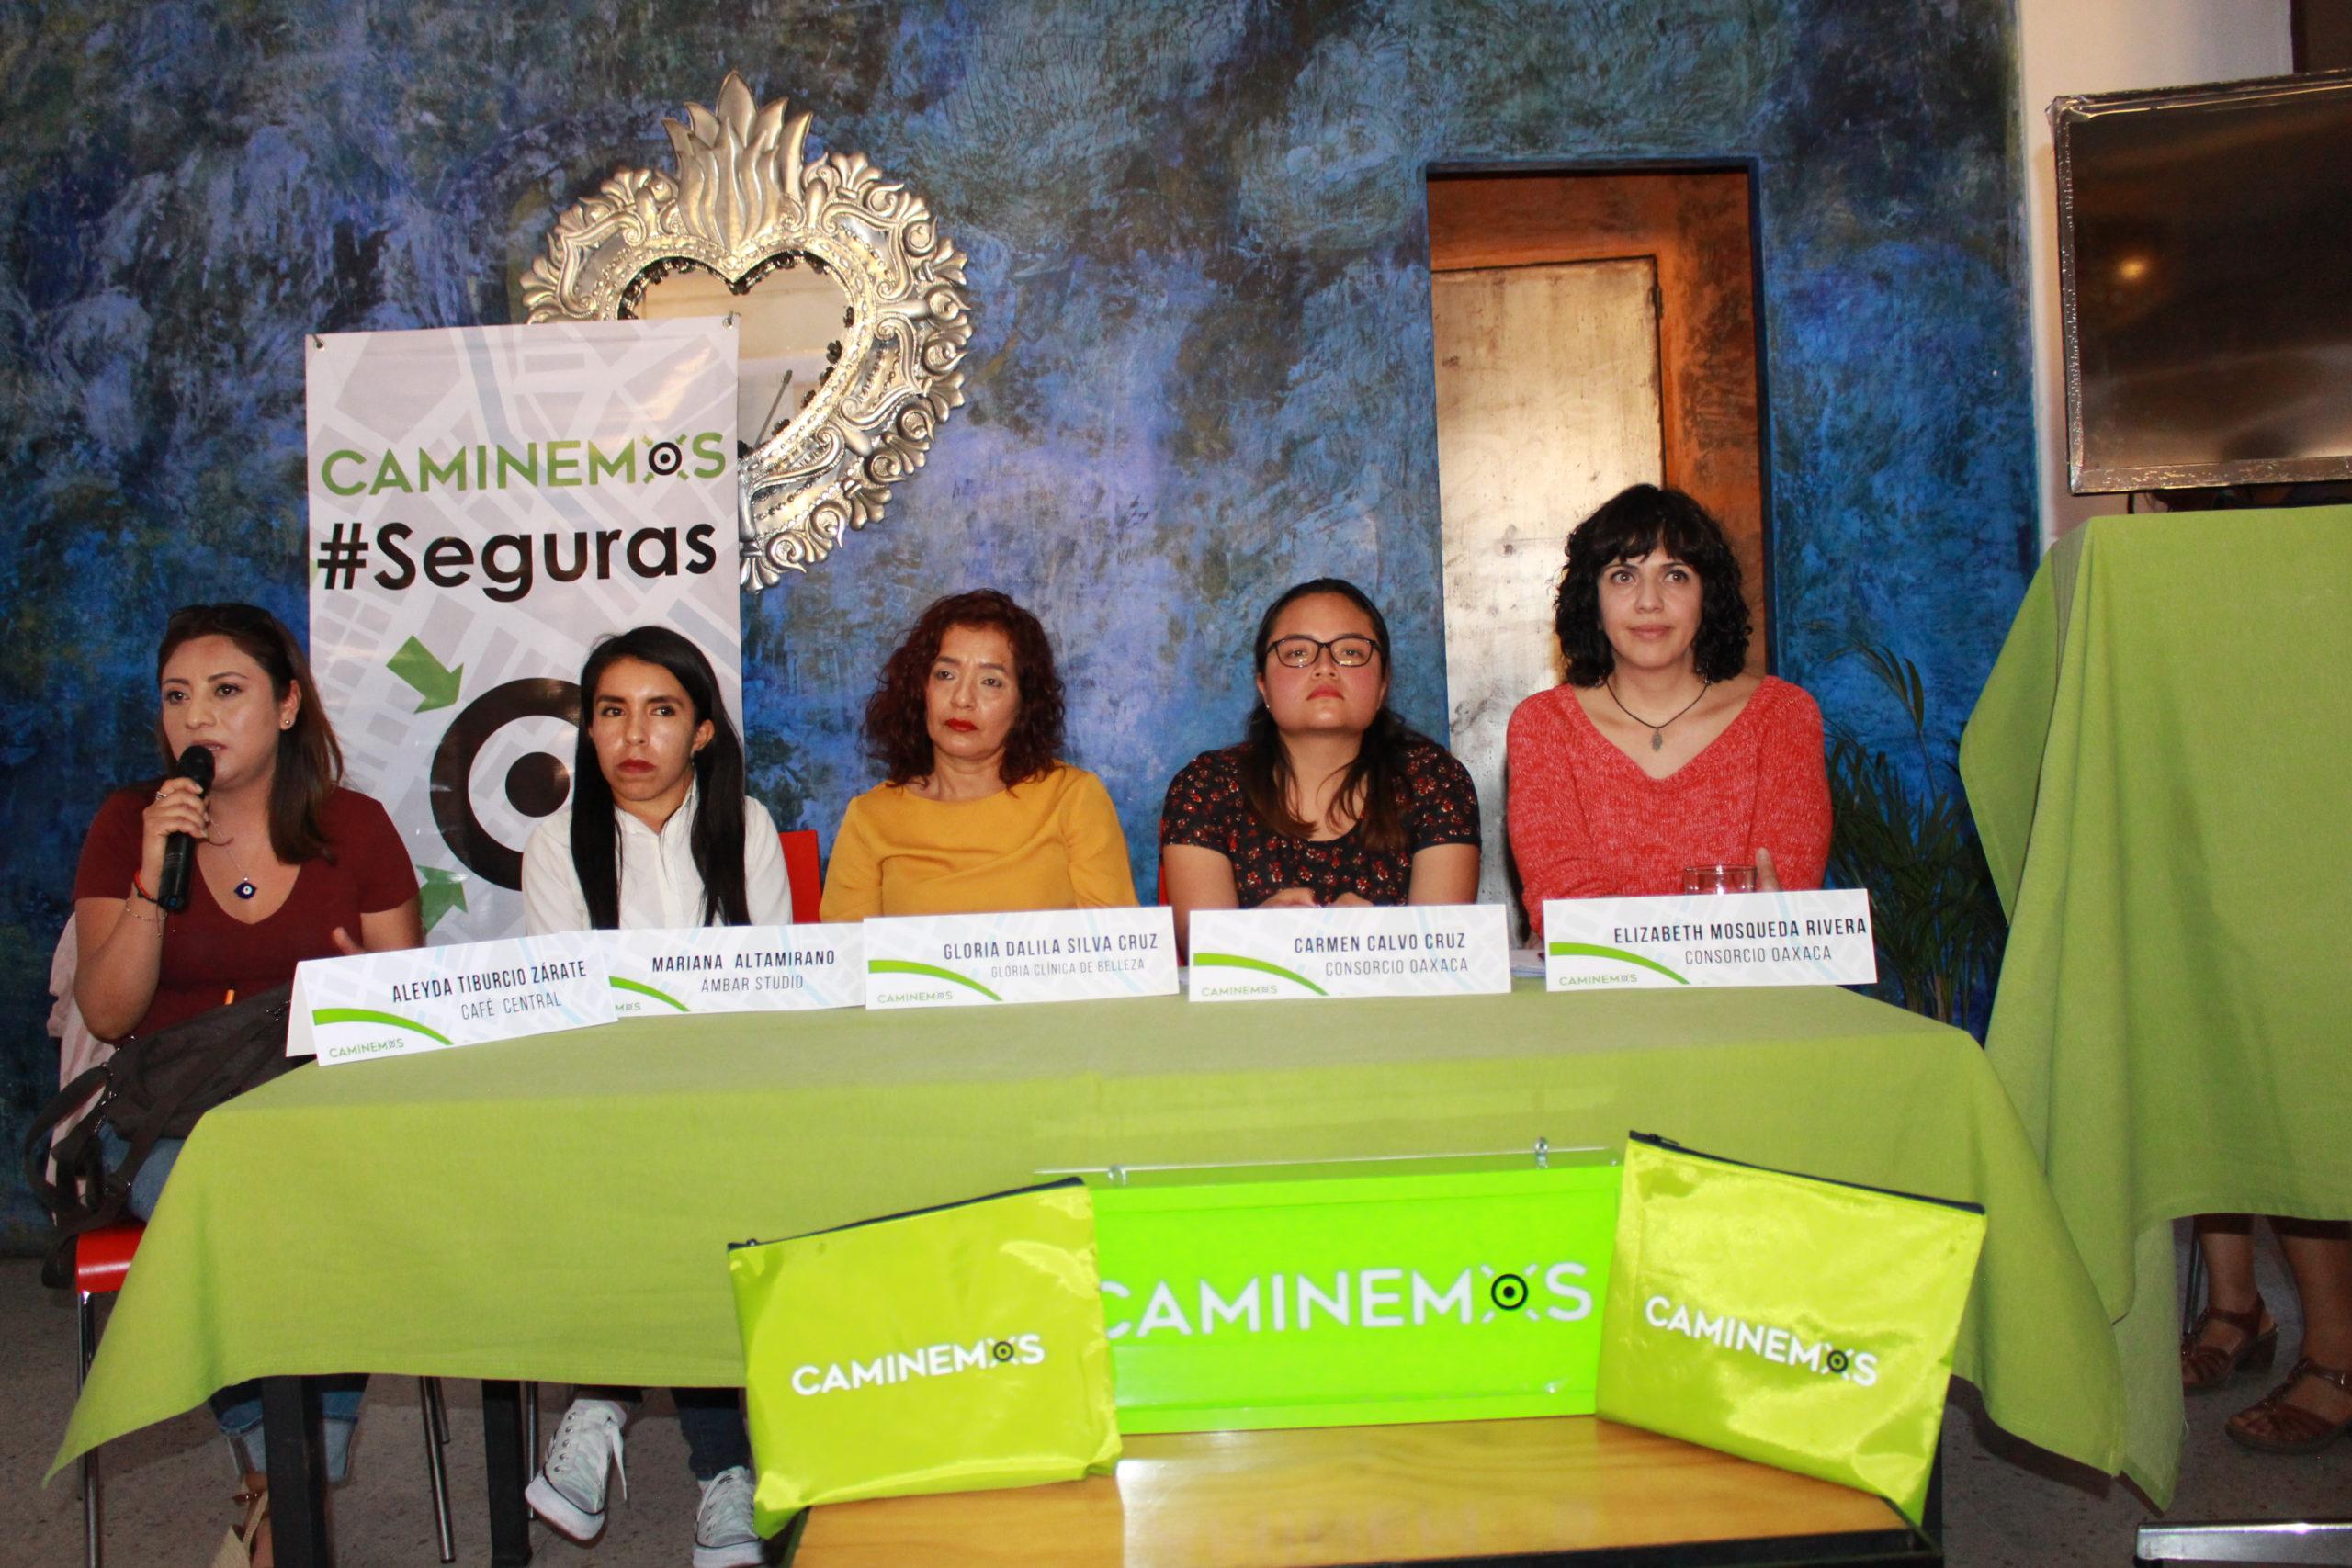 PRESENTAN RED DE NEGOCIOS PARA APOYAR EN CASOS DE AGRESIONES A MUJERES EN EL ESPACIO PÚBLICO